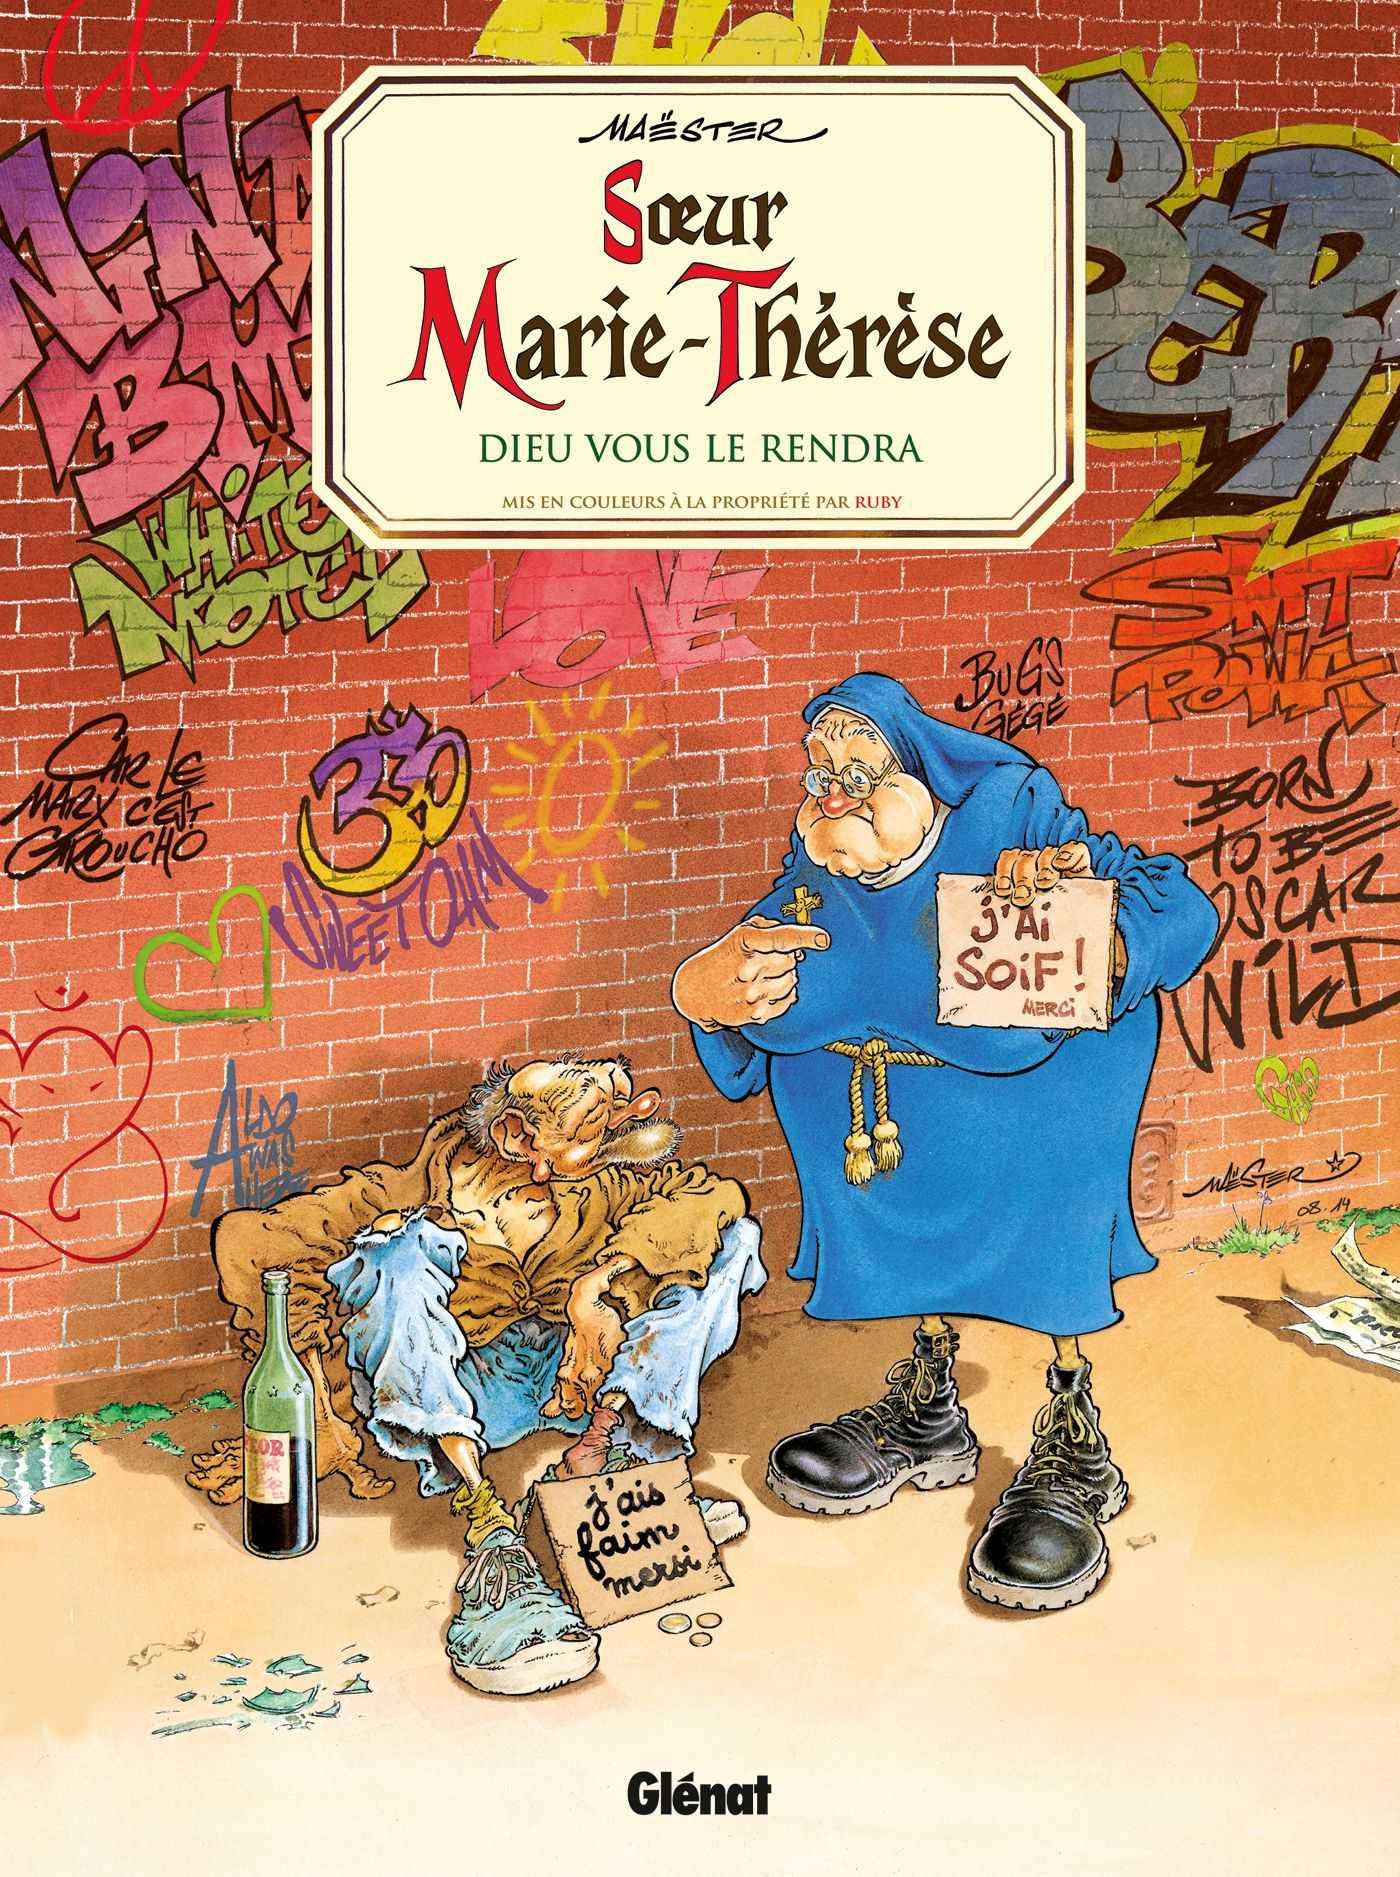 Sœur Marie-Thérèse des Batignolles vous souhaite un Joyeux Noël